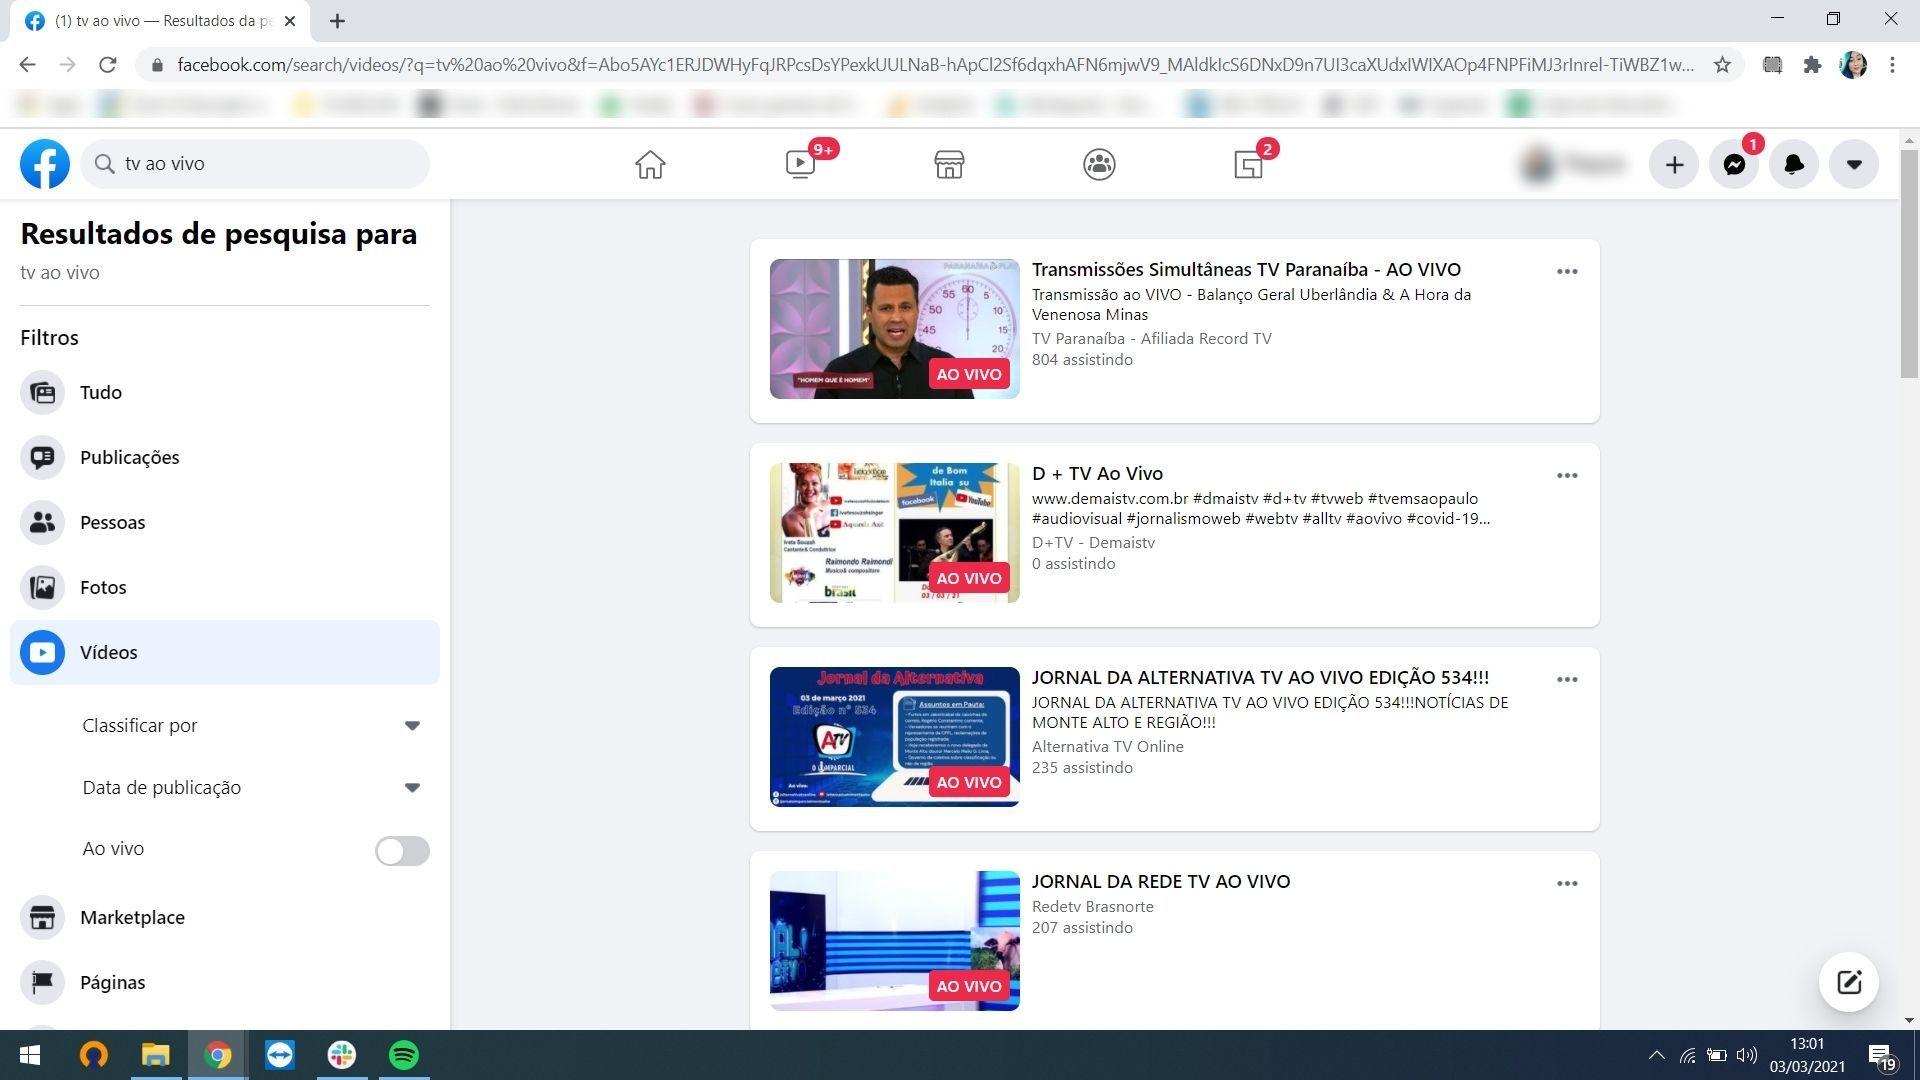 Facebook tem grande variedade de conteúdo de TV, inclusive ao vivo (Foto: Reprodução/Thayna Cruz)